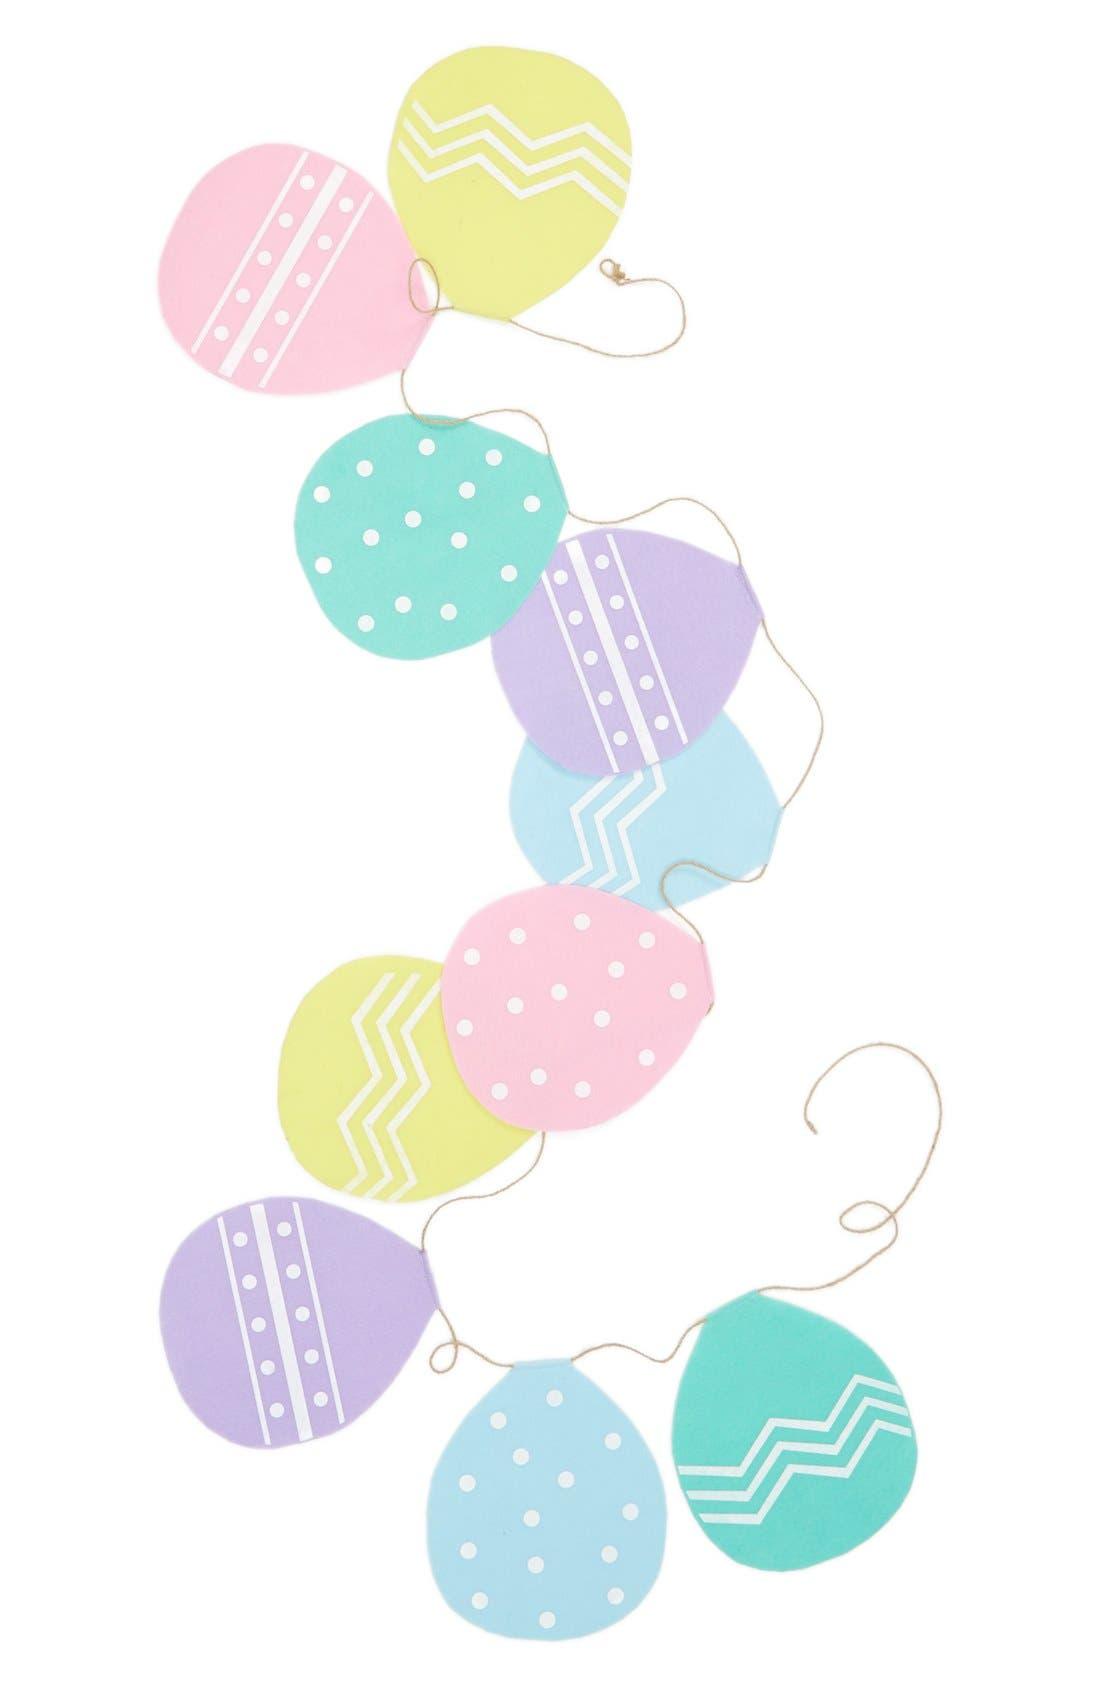 Main Image - Levtex 'Easter Egg' Felt Banner